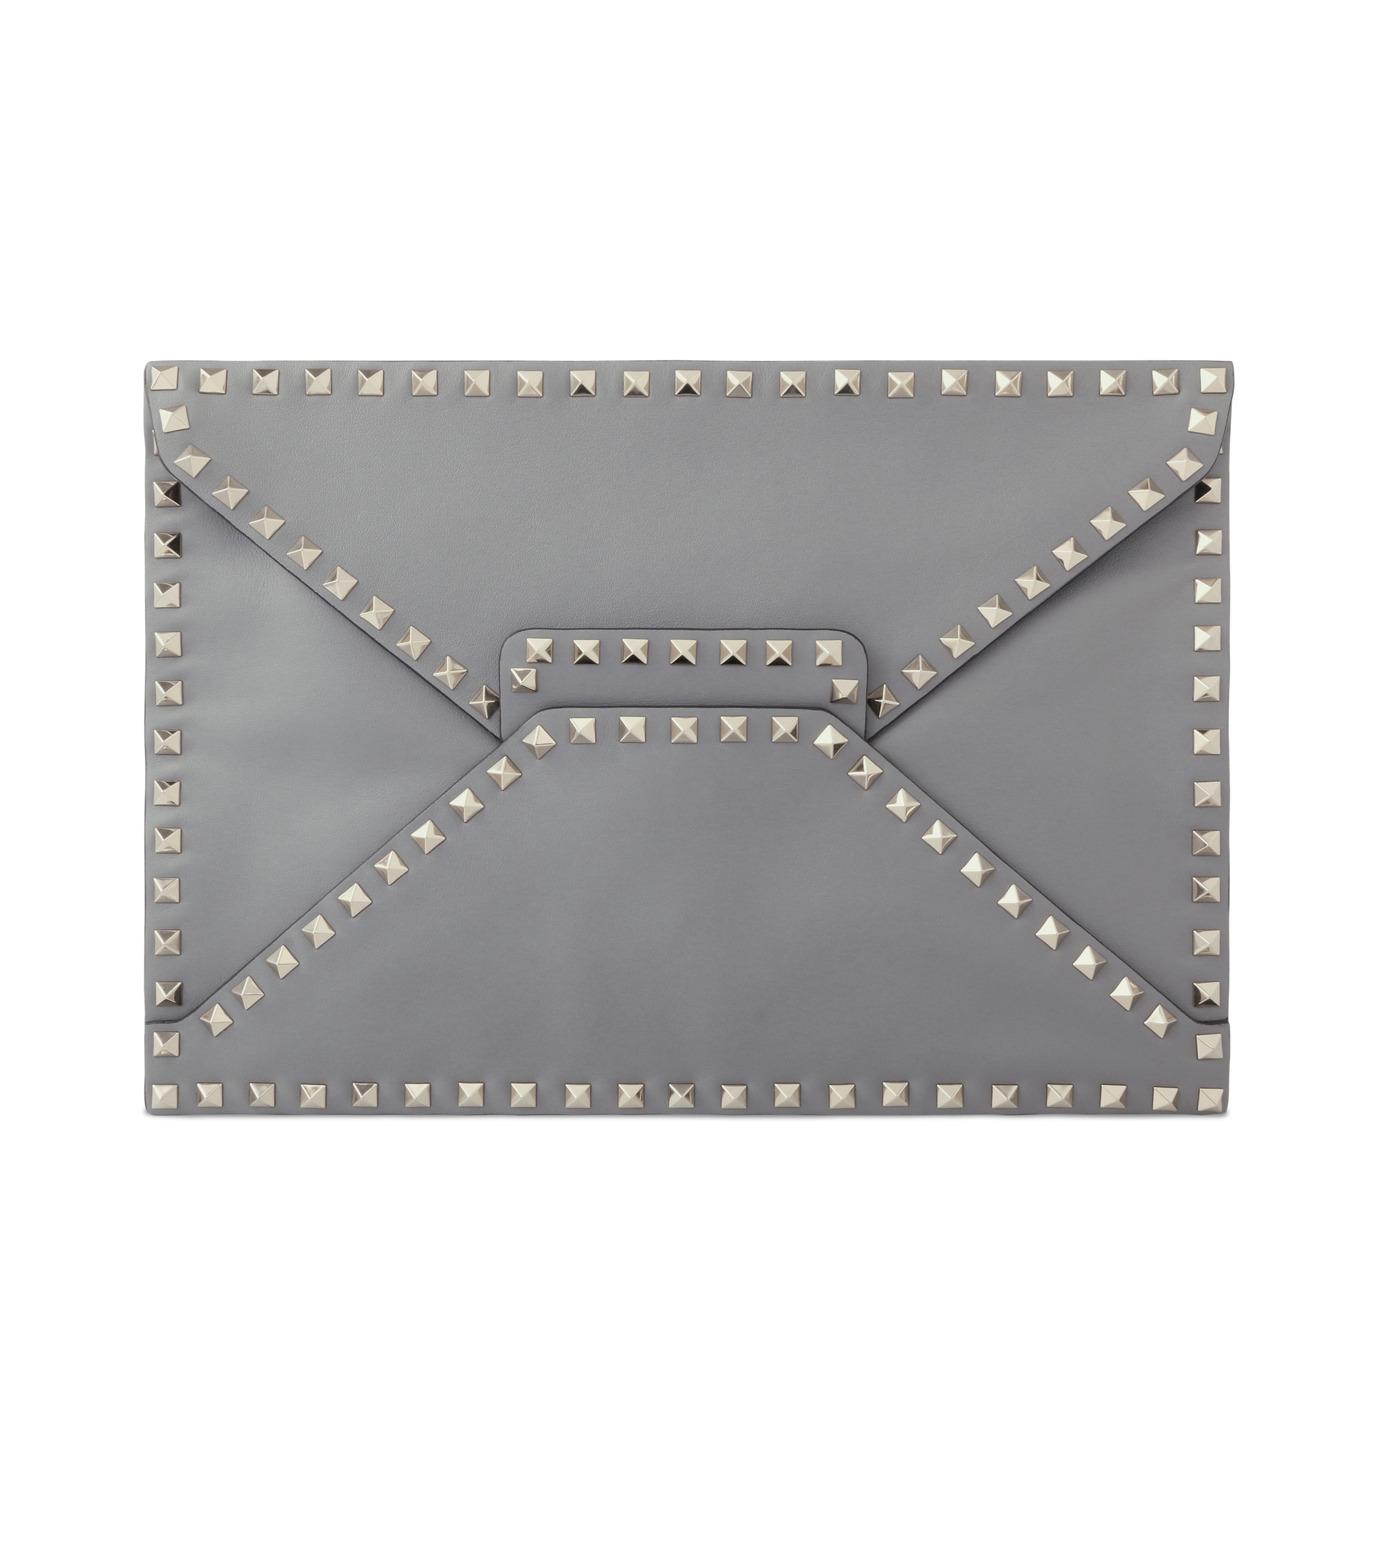 VALENTINO GARAVANI(ヴァレンティノ ガラヴァーニ)のRockstuds Envelop Clutch-GRAY(クラッチバッグ/clutch bag)-LW2B0100BOL-11 拡大詳細画像1